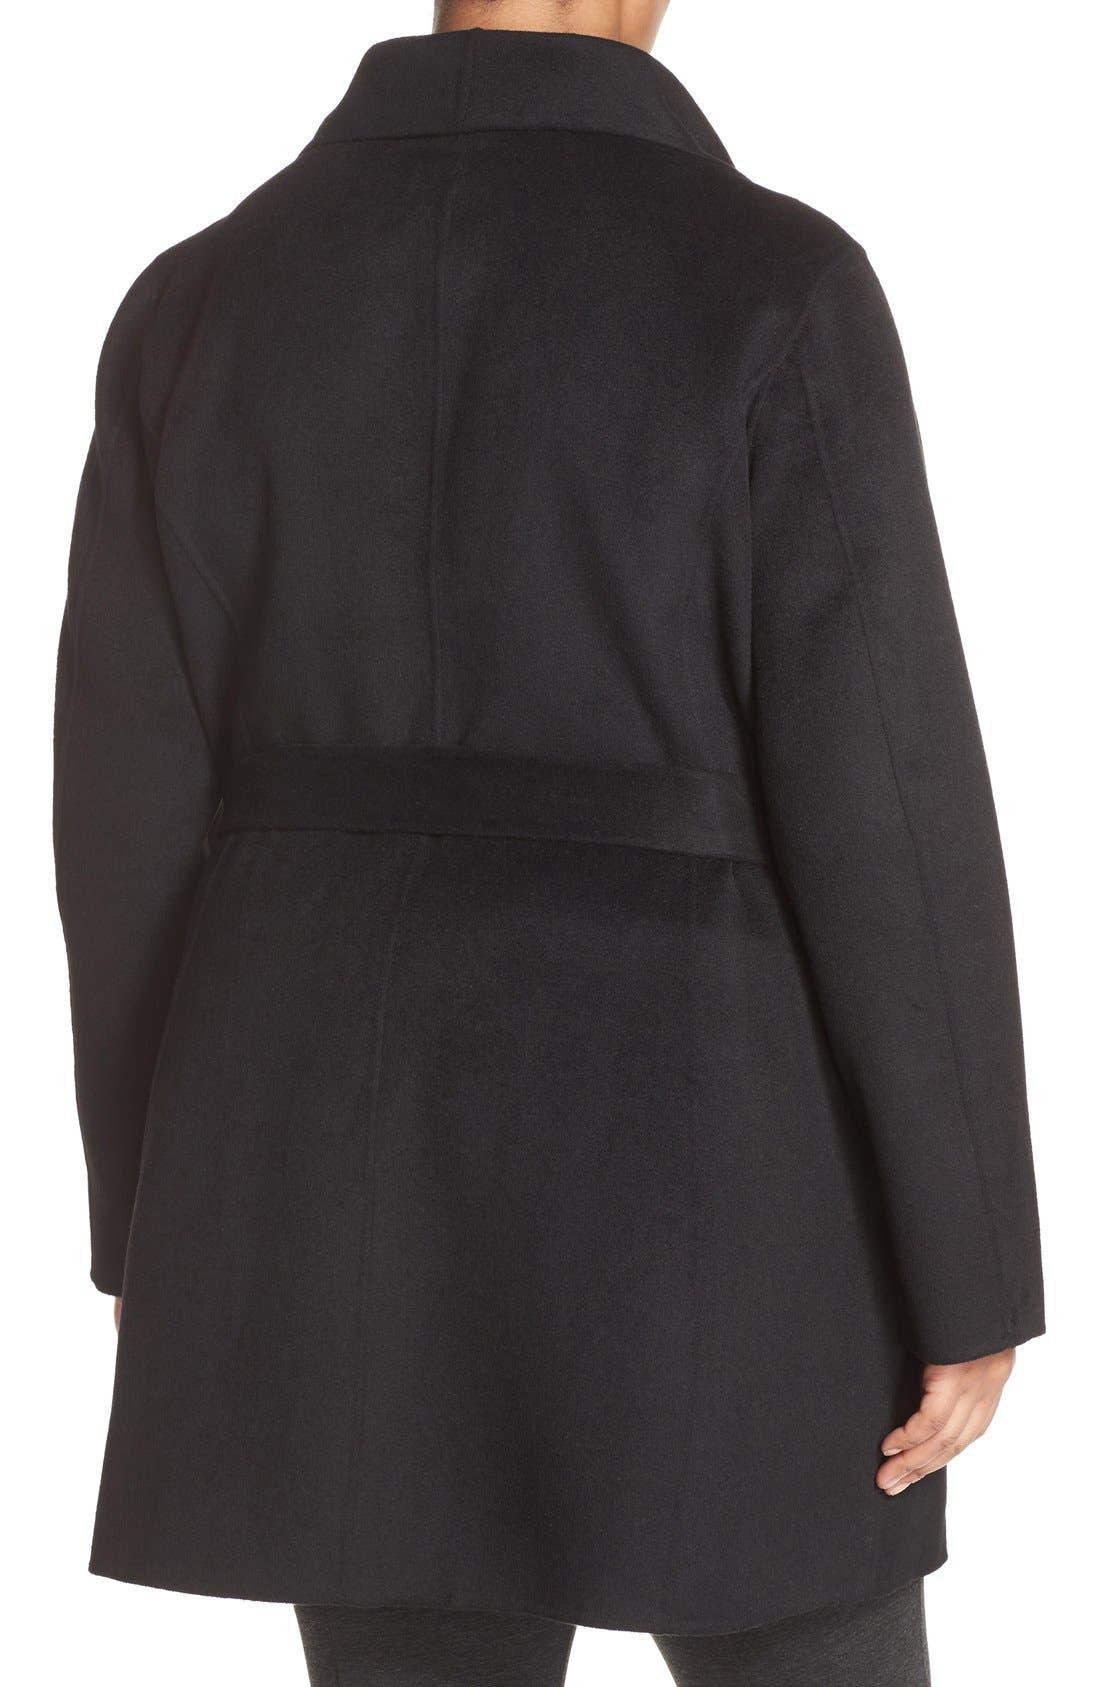 Alternate Image 3  - Tahari 'Ella' Wrap Coat (Plus Size)